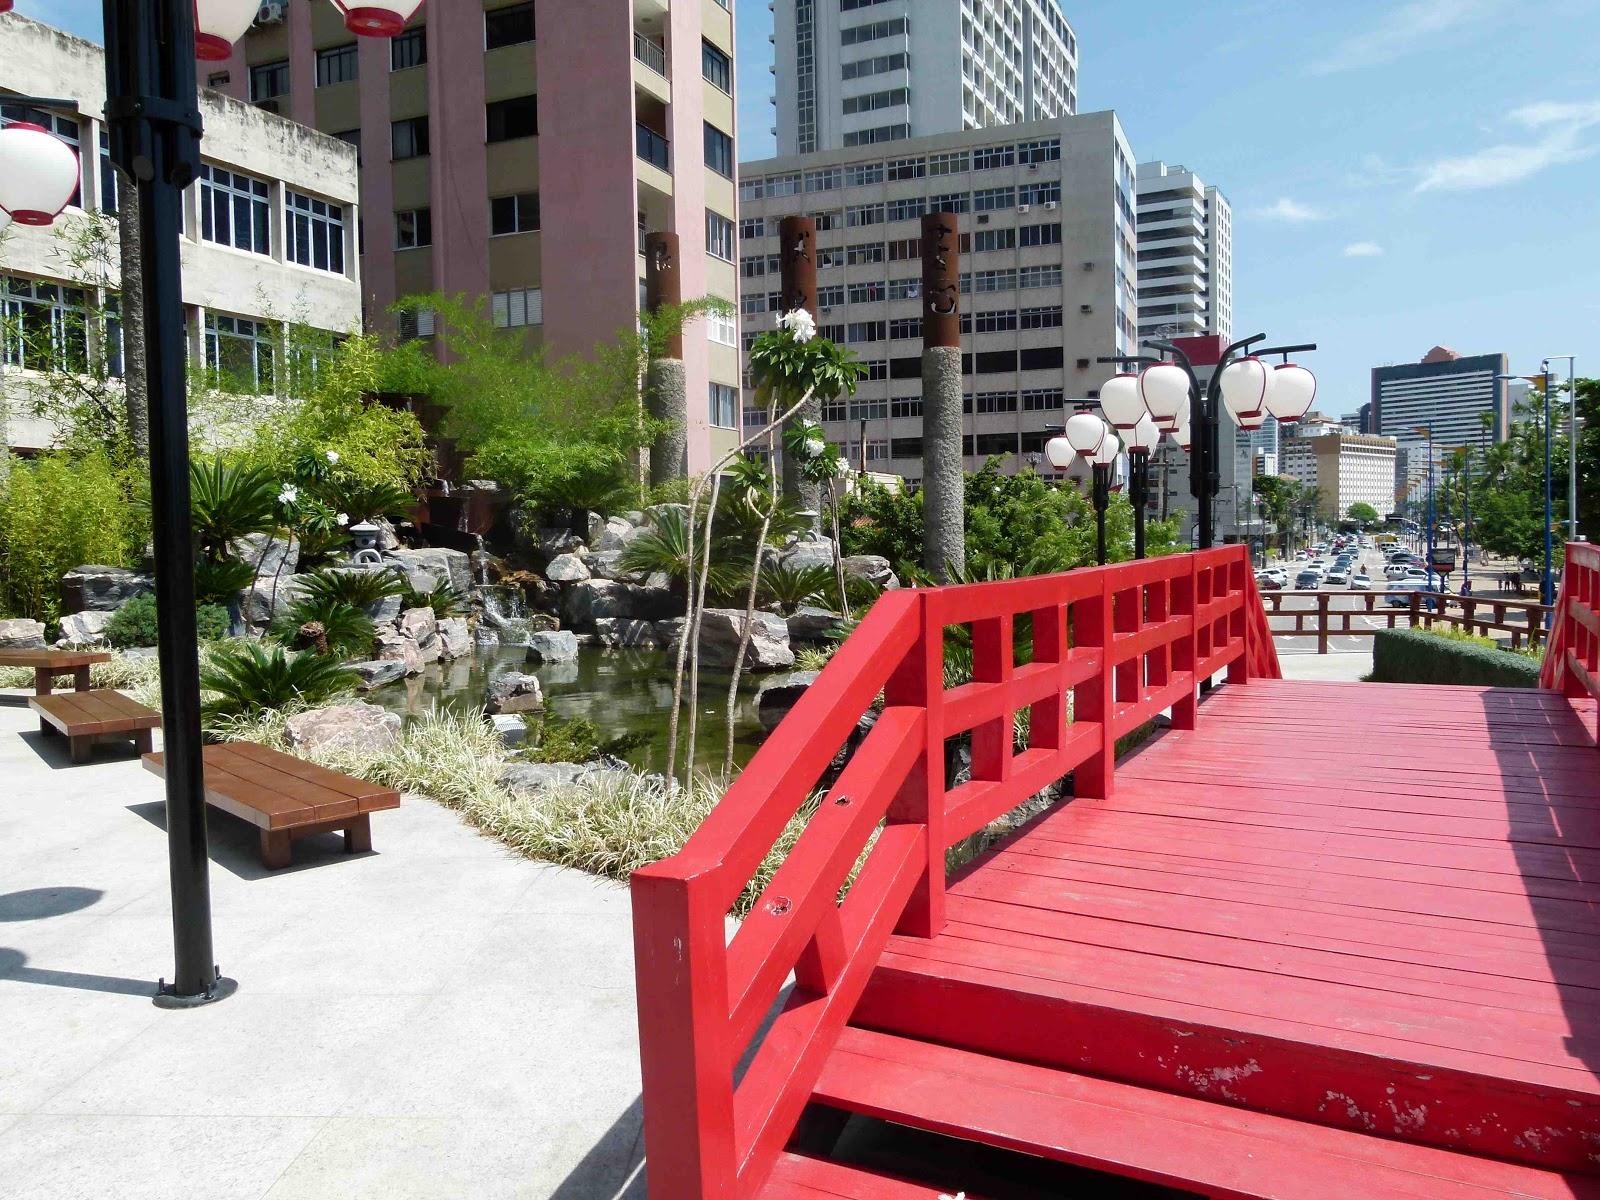 imagens jardim japones:local conta com bancos, mas poucos espaços com sombra. Uma pena!